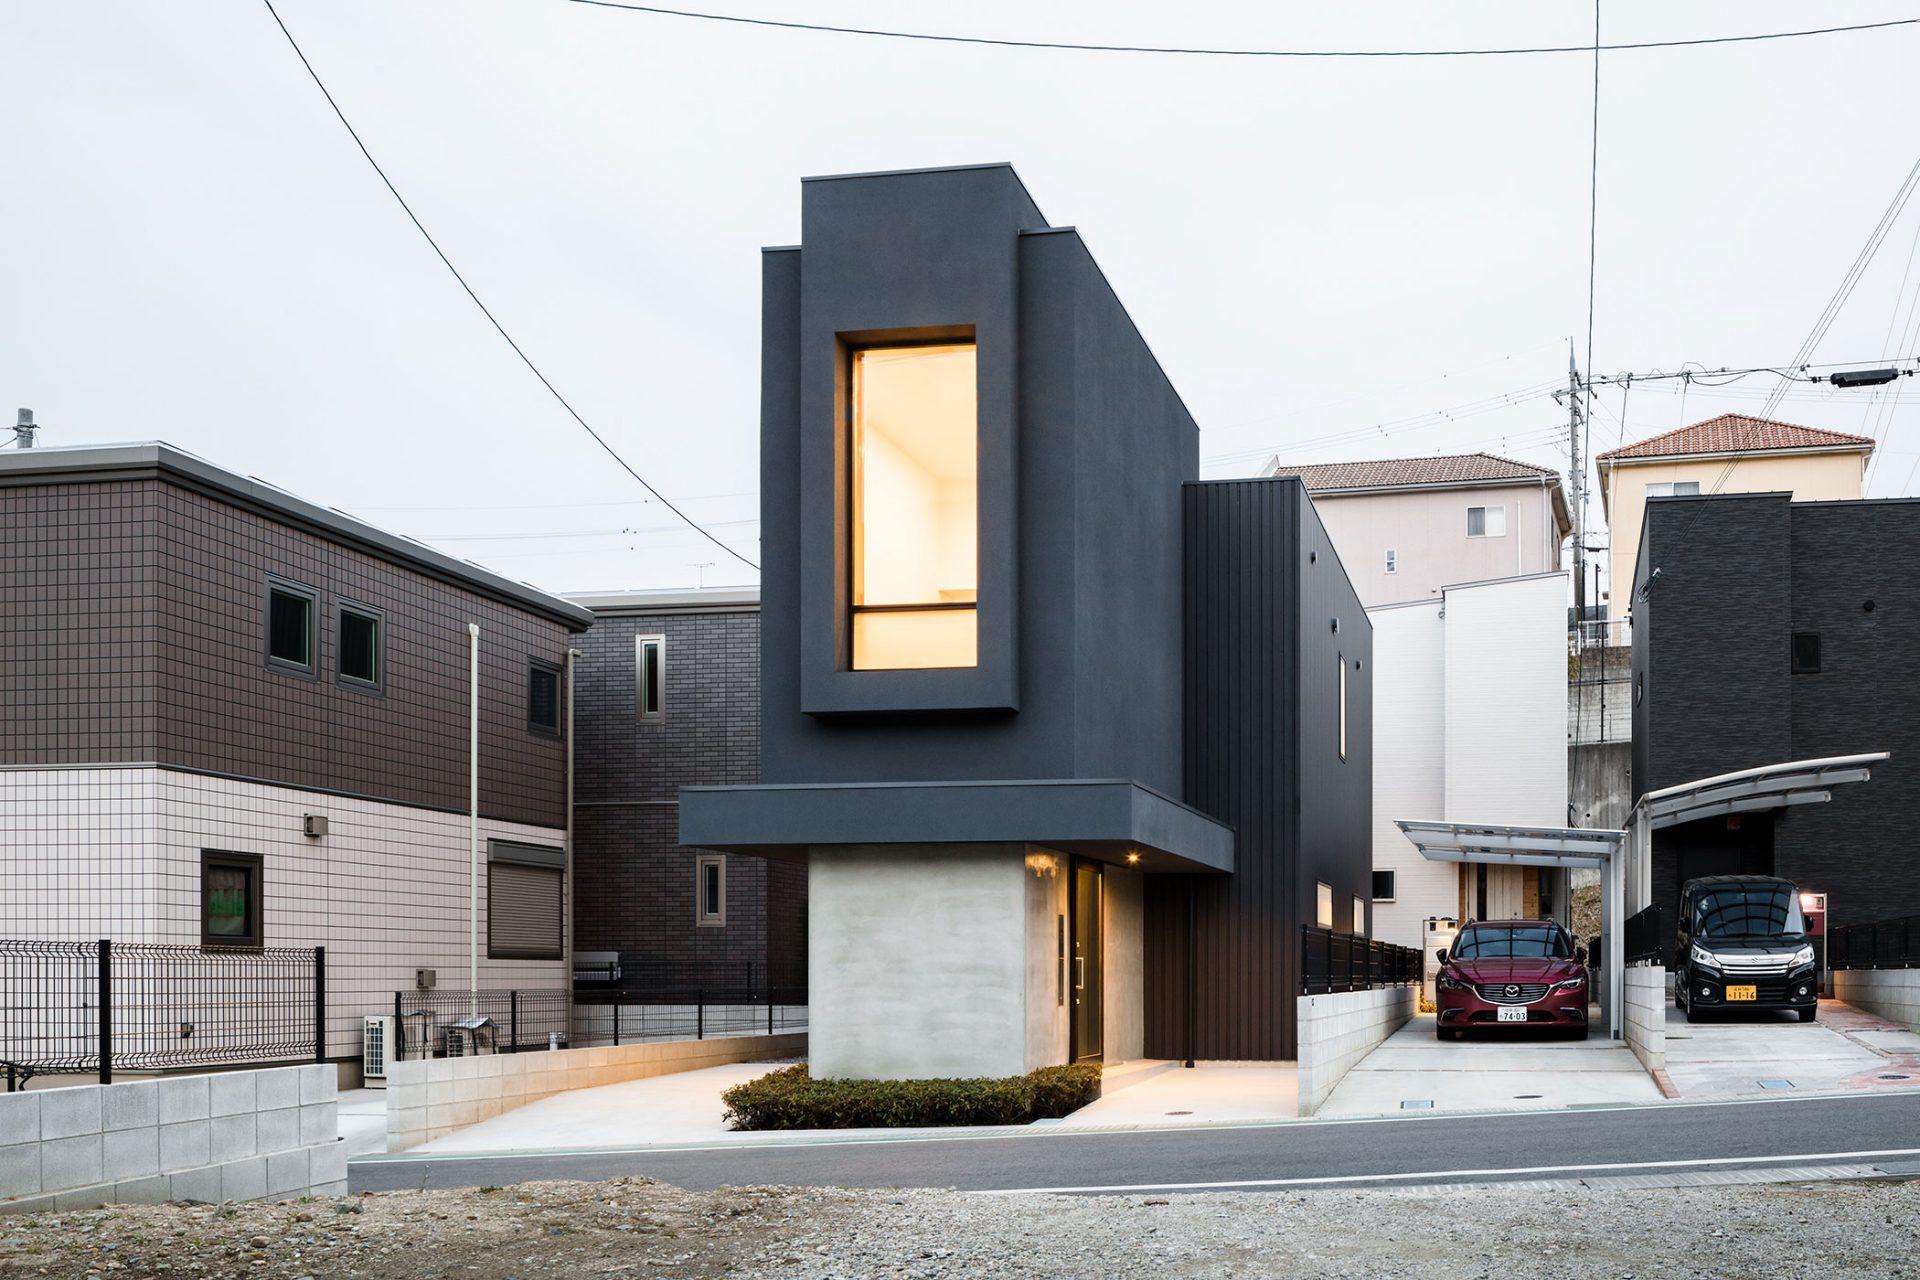 slender_house_designalive-11